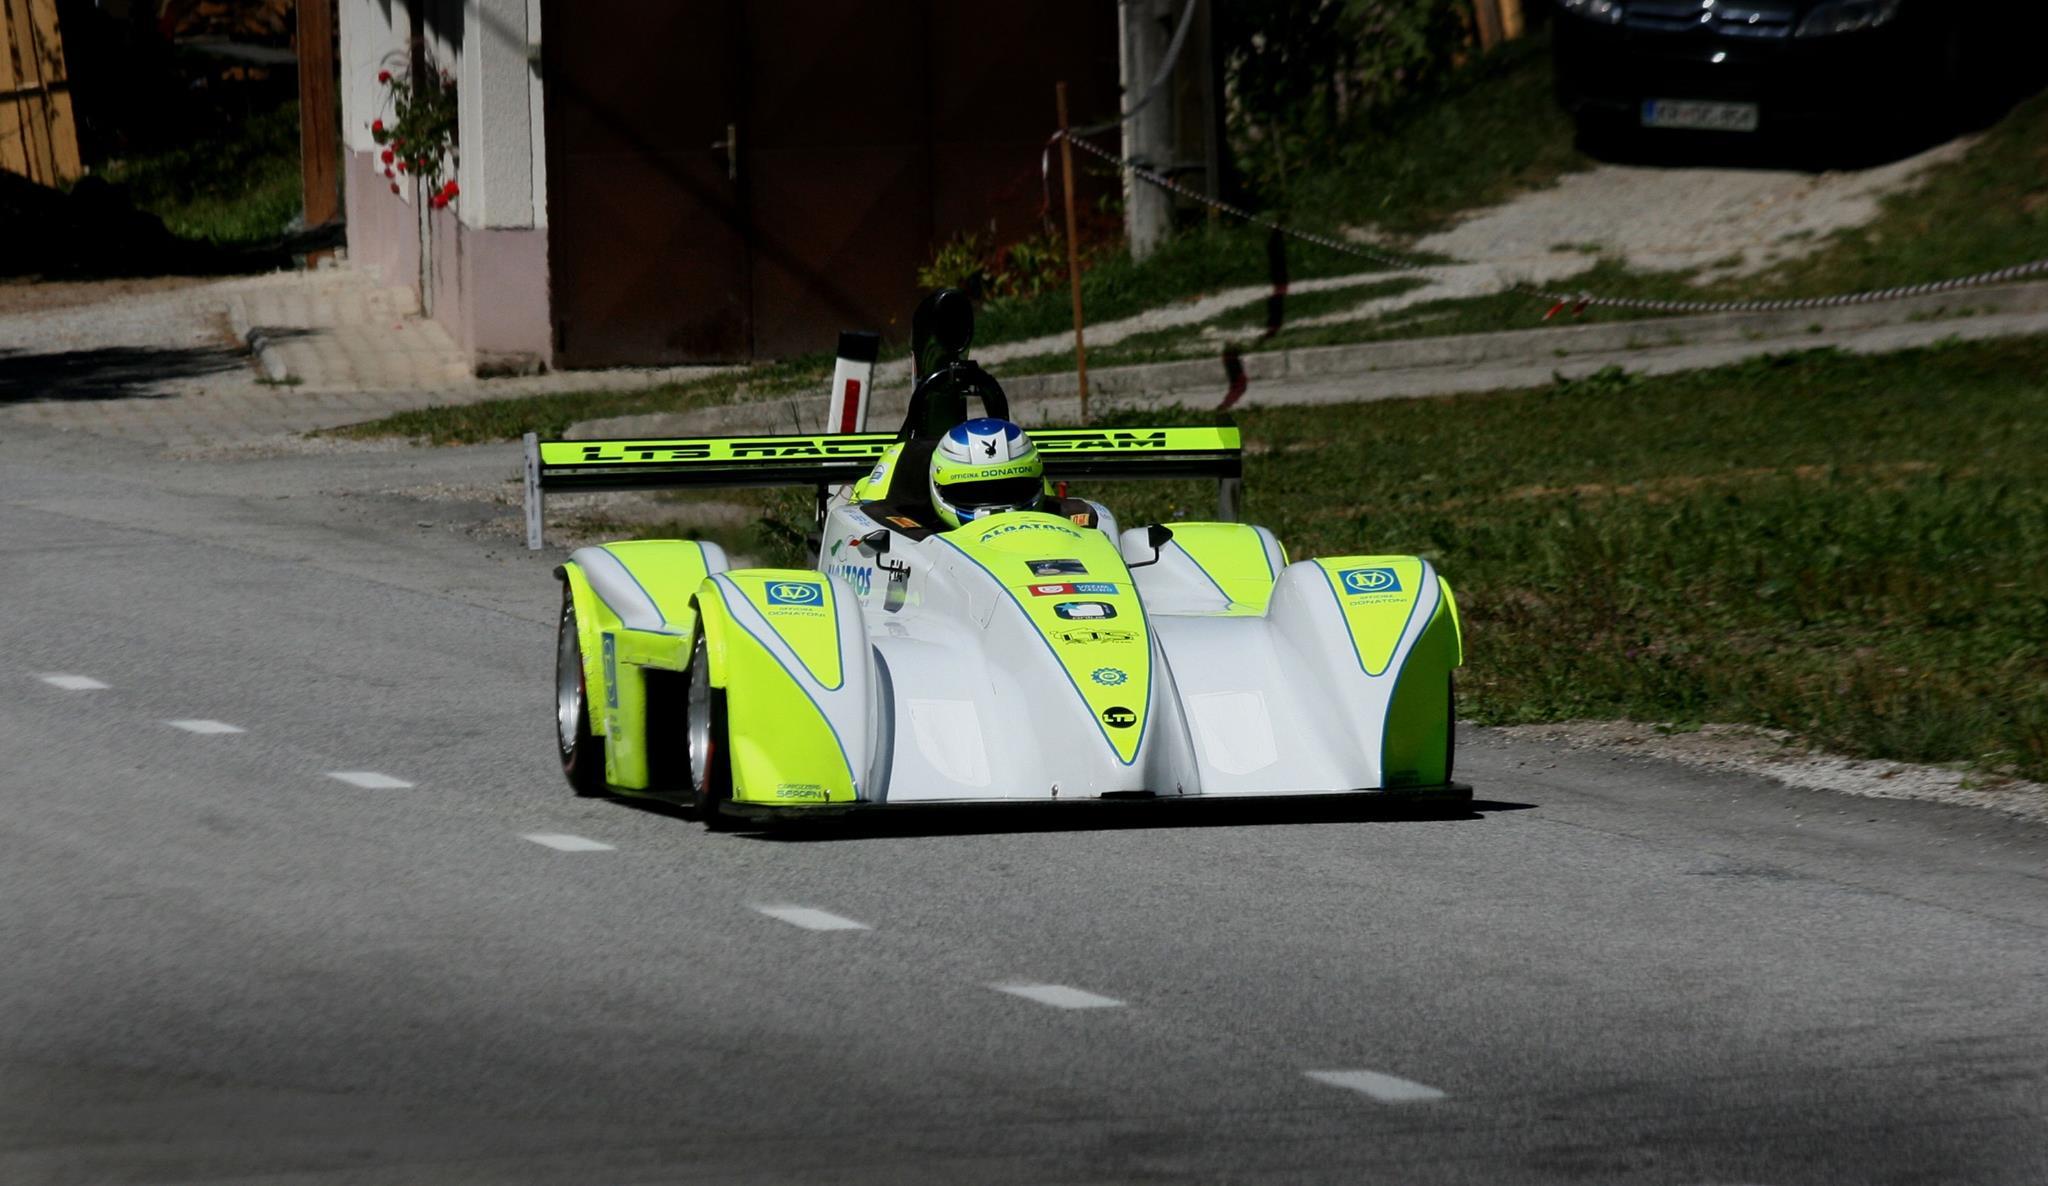 V tretji trening vožnji danes padel rekord proge med turnimi vozili!